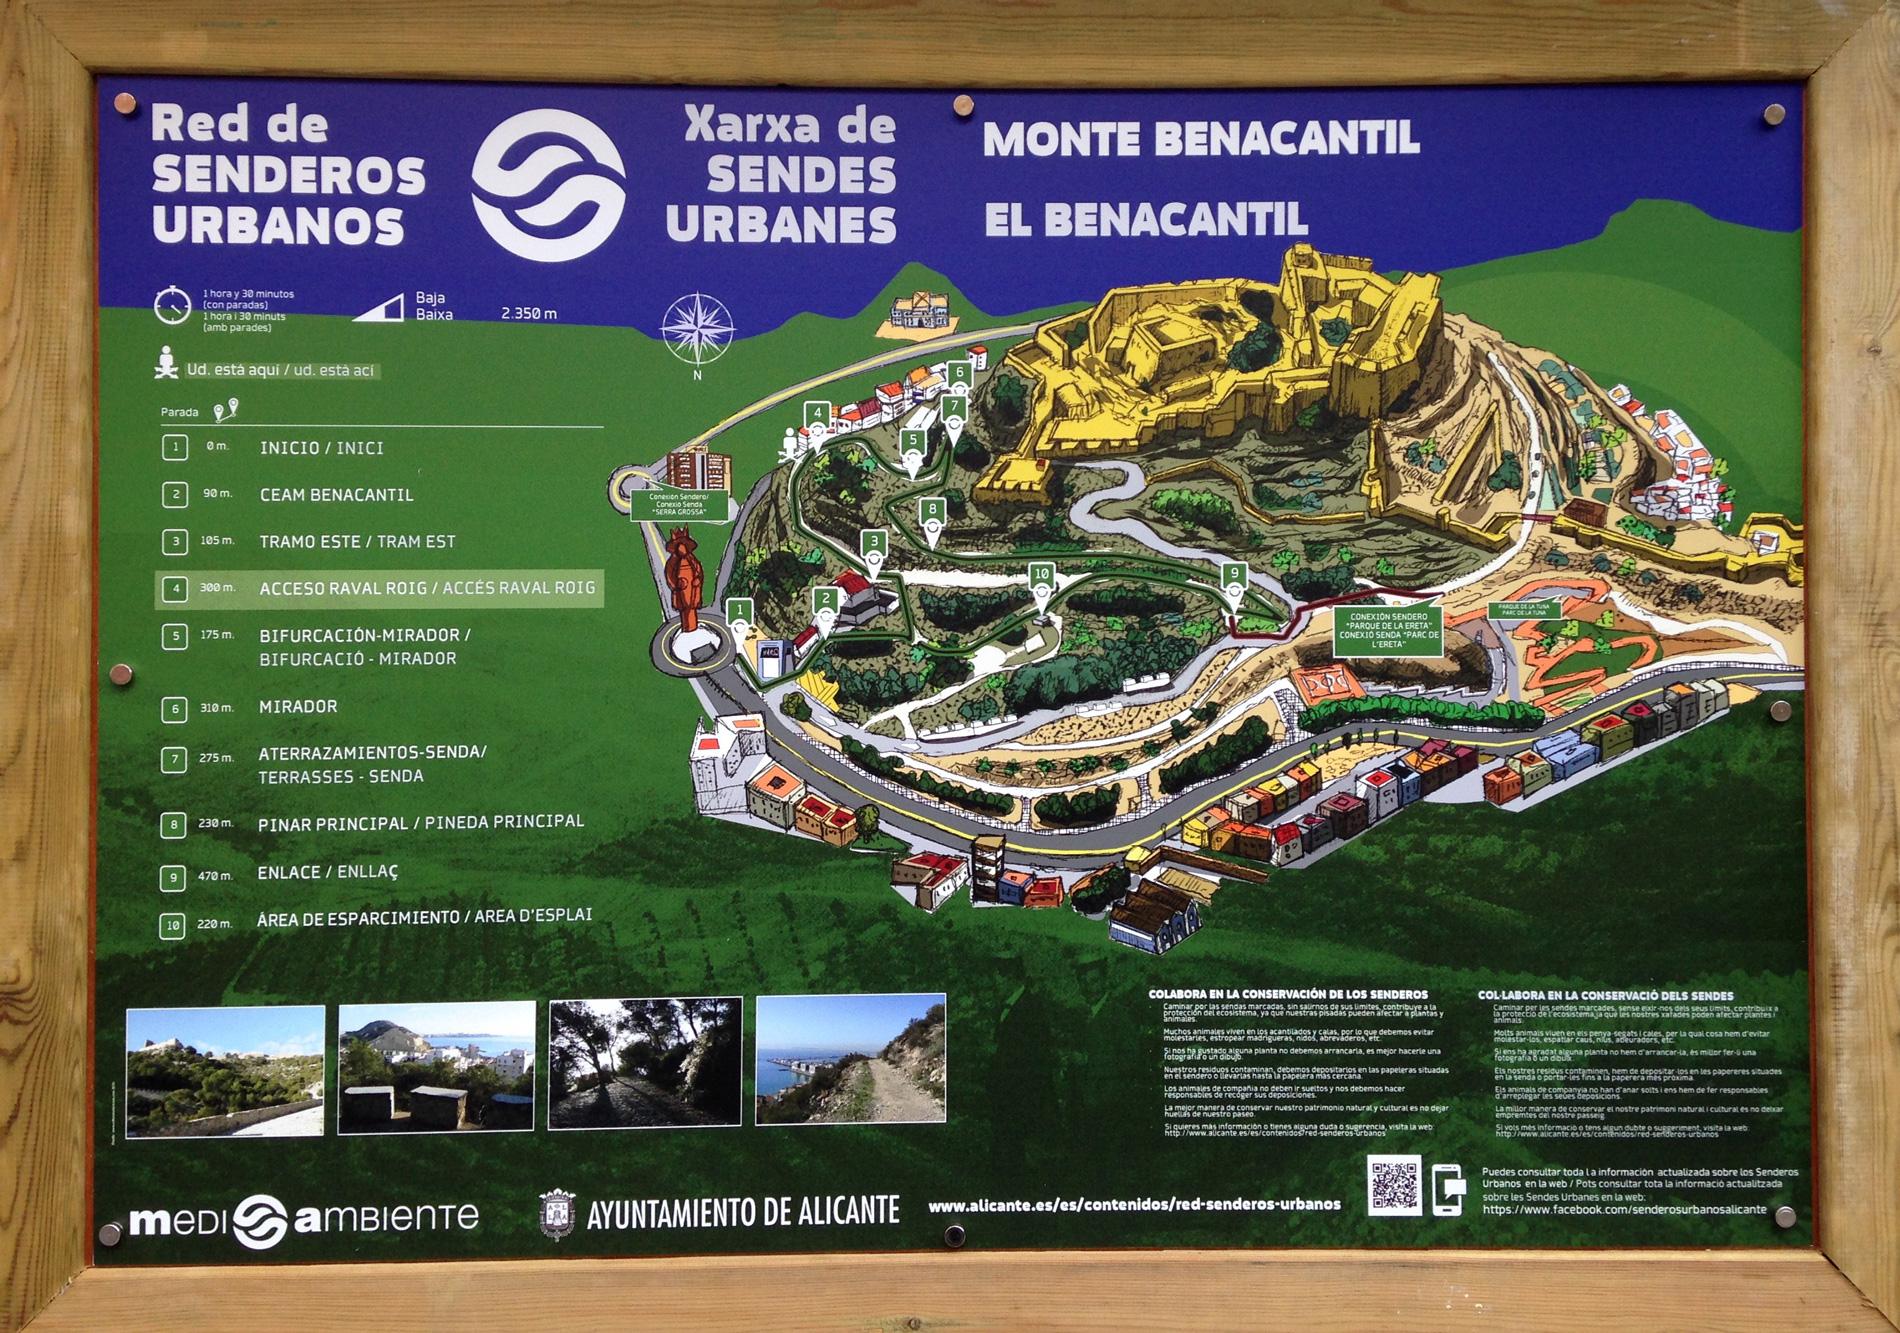 Señaletica de Patrimonio Integral en el Monte Benacantil